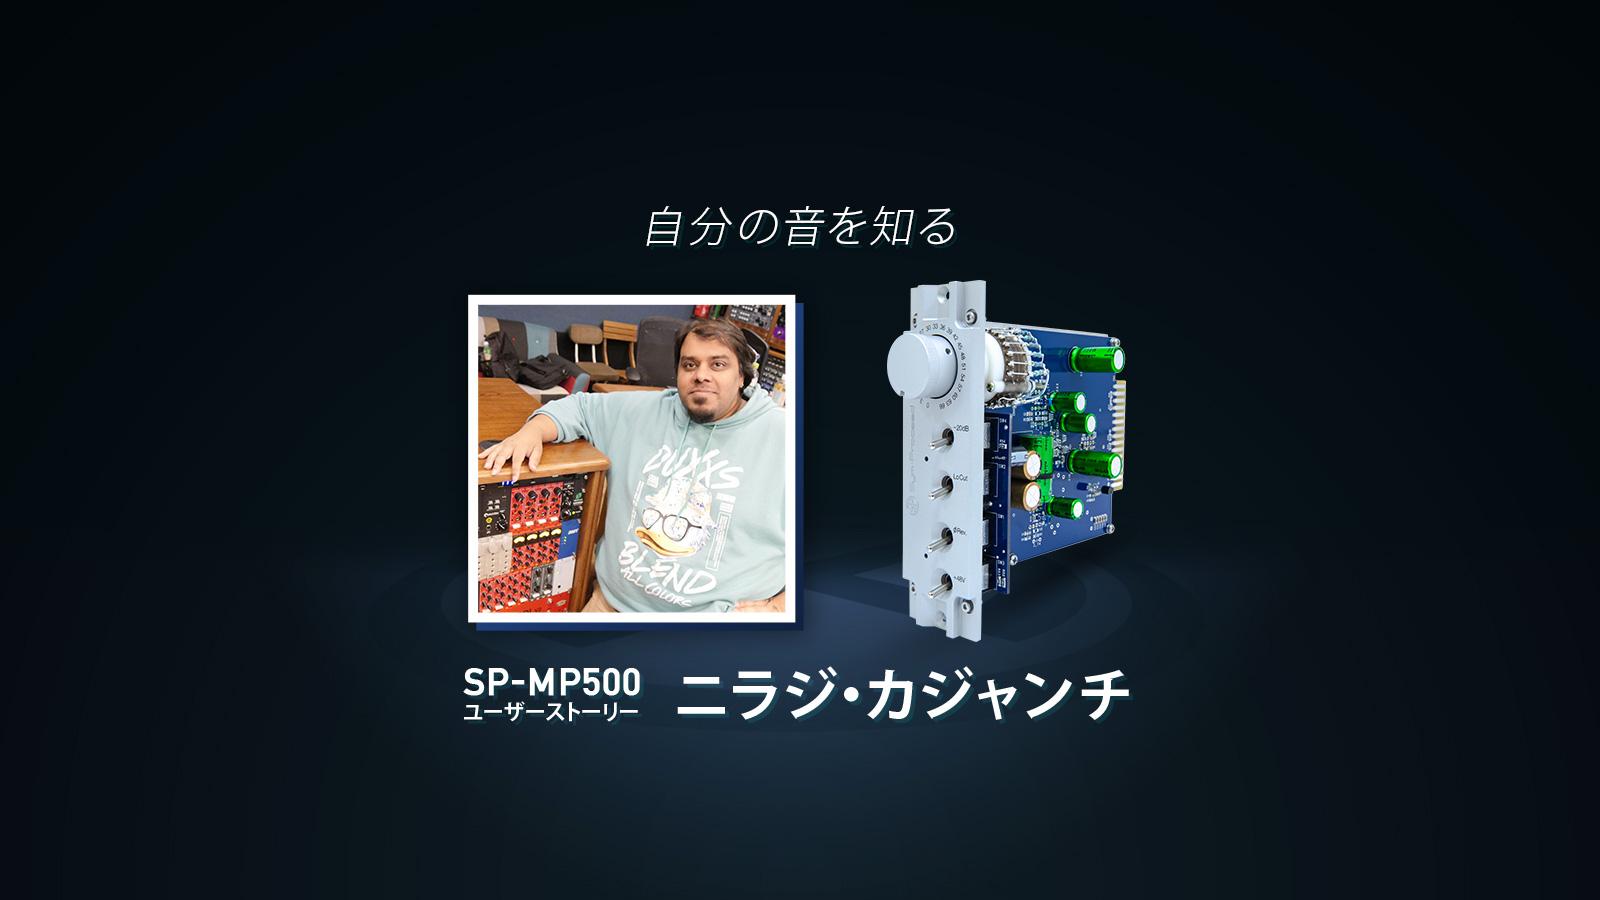 SP-MP500 ユーザーストーリー:ニラジ・カジャンチ